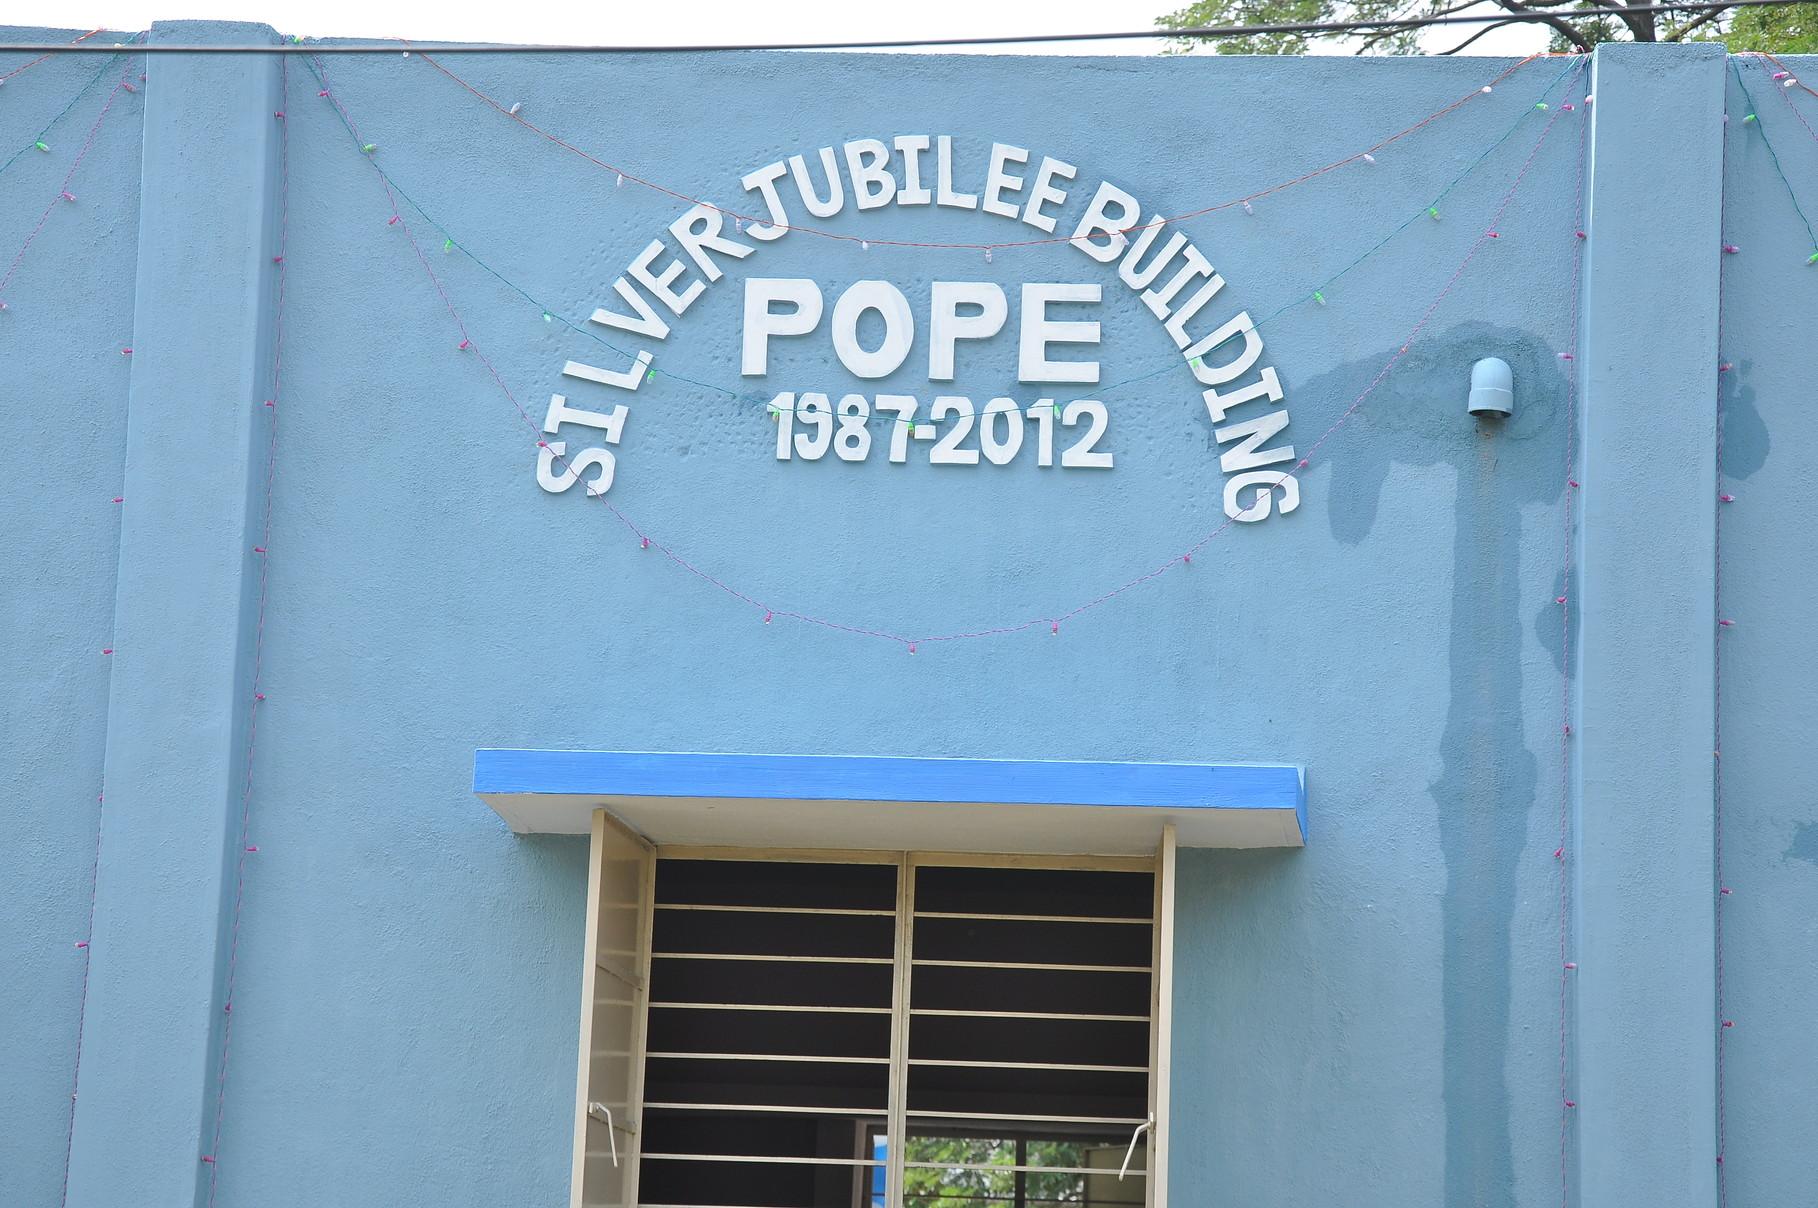 POPE a accepté d'être le porteur du projet lors de la célébration des 25 ans de POPE.